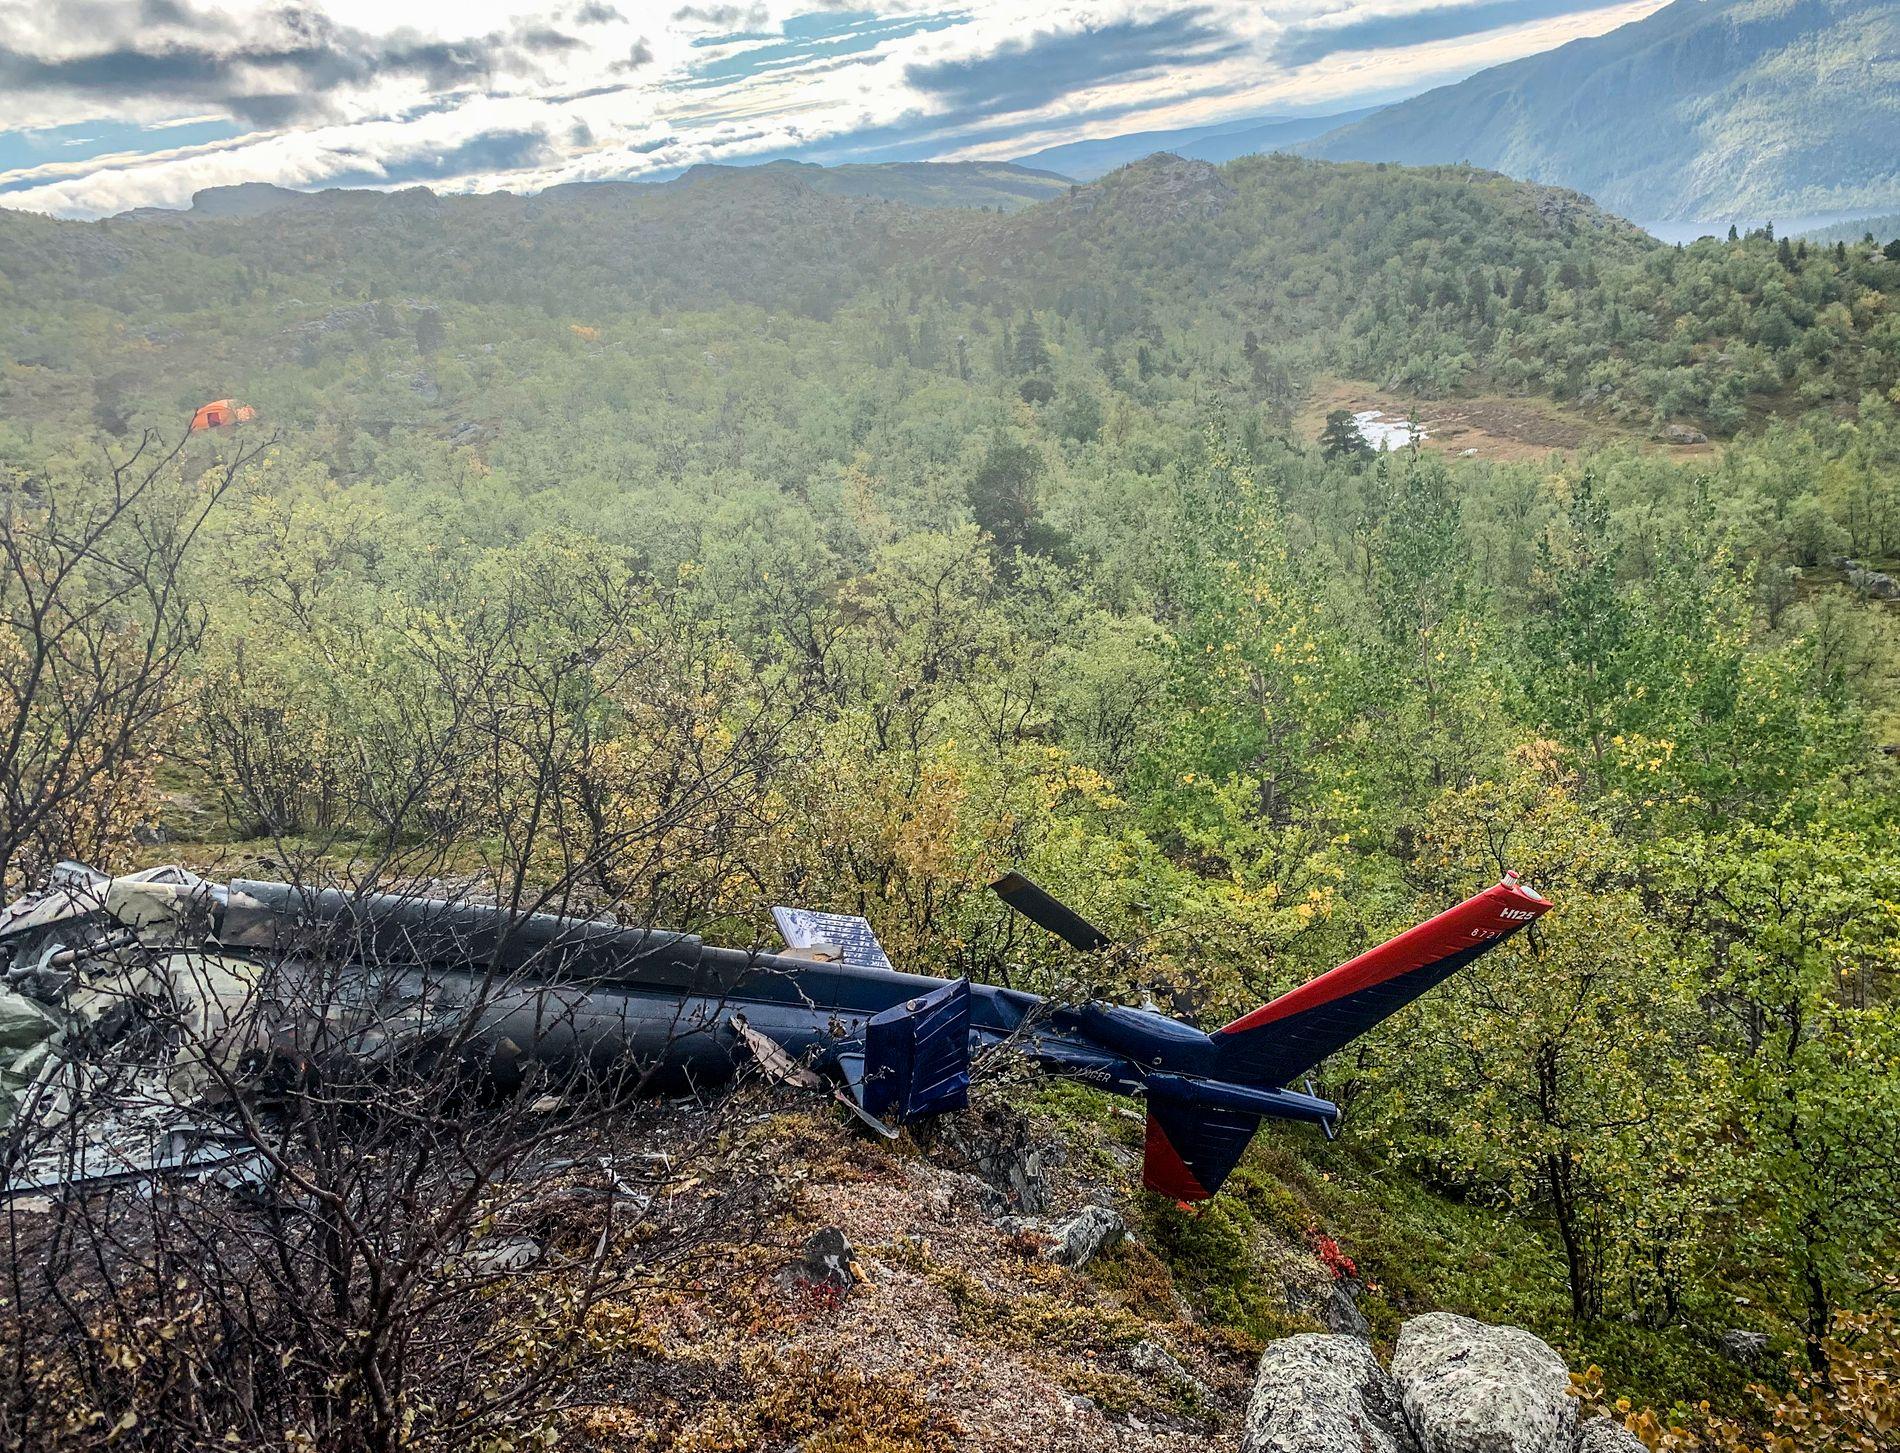 HELIKOPTERVRAKET: Seks personer mistet livet da et helikopter havarerte i Kvenvik-området, sørvest for Alta, lørdag ettermiddag.